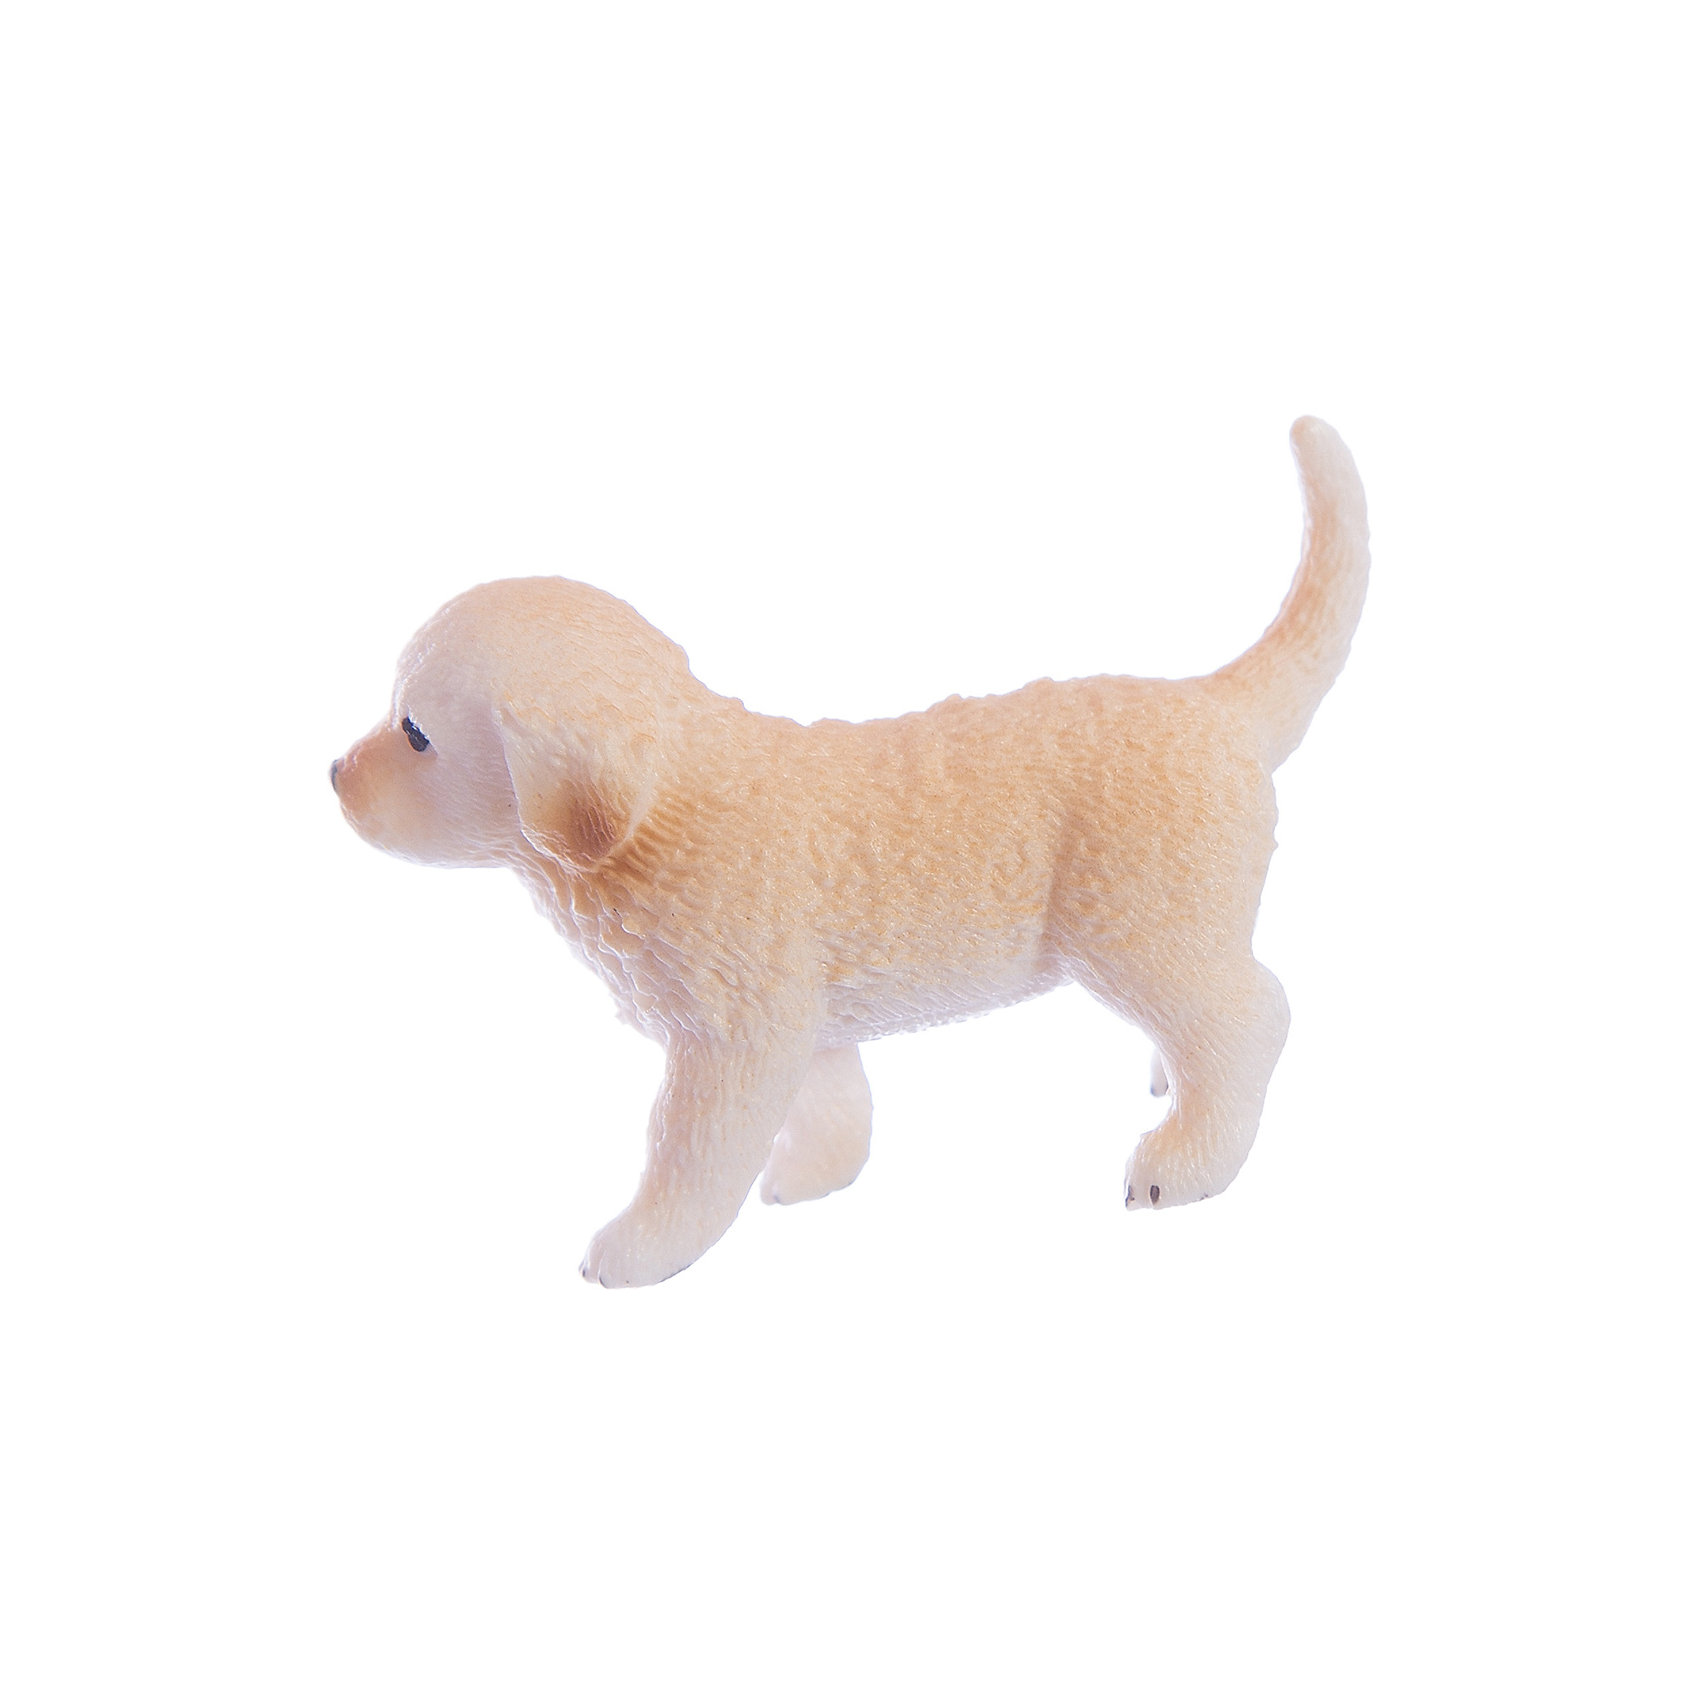 Голден ретривер, SchleichМир животных<br>Голден ретривер, Schleich (Шляйх) - коллекционная и игровая фигурка от немецкого производителя Schleich (Шляйх).<br>Фигурка щенка собаки породы золотистый ретривер светло-коричневого цвета обязательно порадует всех любителей собак и разнообразит  игры вашего ребенка. Золотой ретривер является одной из самых популярных и любимых многими породой собак. Они прекрасно поддаются дрессировке, очень общительны и дружелюбны. Помимо этого, ретриверы являются прекрасными пловцами и охотниками. Все фигурки Schleich (Шляйх) сделаны из гипоаллергенных высокотехнологичных материалов, раскрашены вручную и не вызывают аллергии у ребенка. Прекрасно выполненные фигурки Schleich (Шляйх) отличаются высочайшим качеством игрушек ручной работы. Все они создаются при постоянном сотрудничестве с Берлинским зоопарком, а потому, являются максимально точной копией настоящих животных. Каждая фигурка разработана с учетом исследований в области педагогики и производится как настоящее произведение для маленьких детских ручек.<br><br>Дополнительная информация:<br><br>-Размер фигурки: 5,1 x 2 x 3 см.<br>-Вес фигурки: 9 грамм<br>-Материал: каучуковый пластик<br><br>Голден ретривер, Schleich (Шляйх) - ваш ребенок будет наслаждаться игрой с новой восхитительной игрушкой.<br><br>Фигурку Голден ретривера, Schleich (Шляйх) можно купить в нашем интернет-магазине.<br><br>Ширина мм: 51<br>Глубина мм: 2<br>Высота мм: 17<br>Вес г: 6<br>Возраст от месяцев: 36<br>Возраст до месяцев: 96<br>Пол: Унисекс<br>Возраст: Детский<br>SKU: 3443155